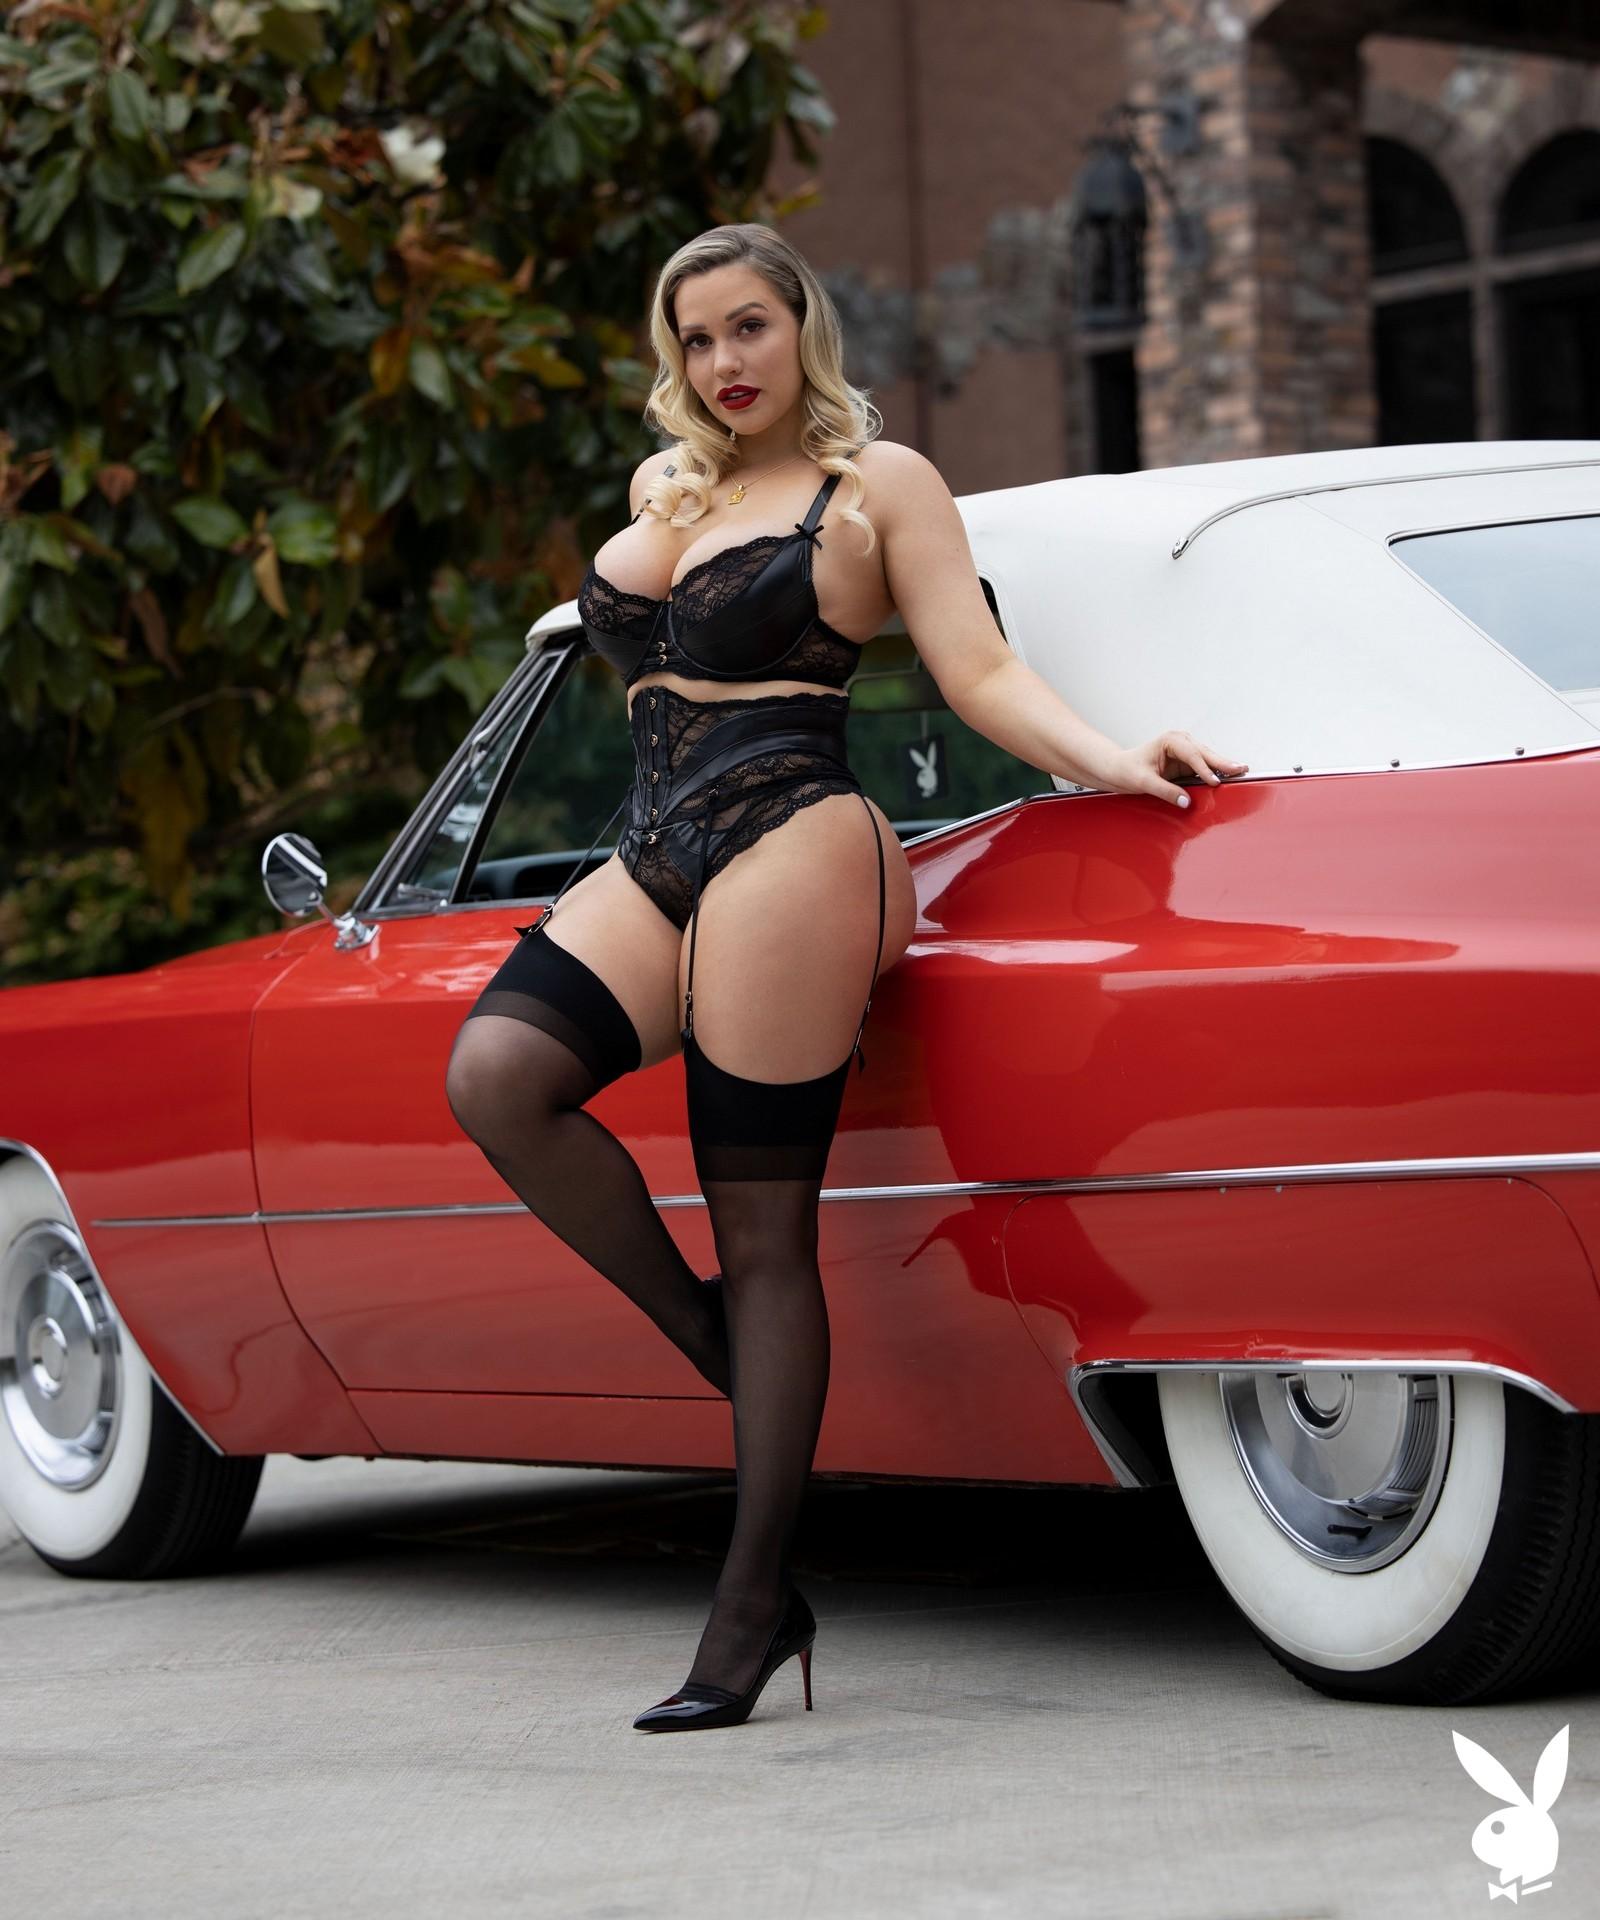 Mia Malkova In Drive Me Wild Playboy Plus (4)